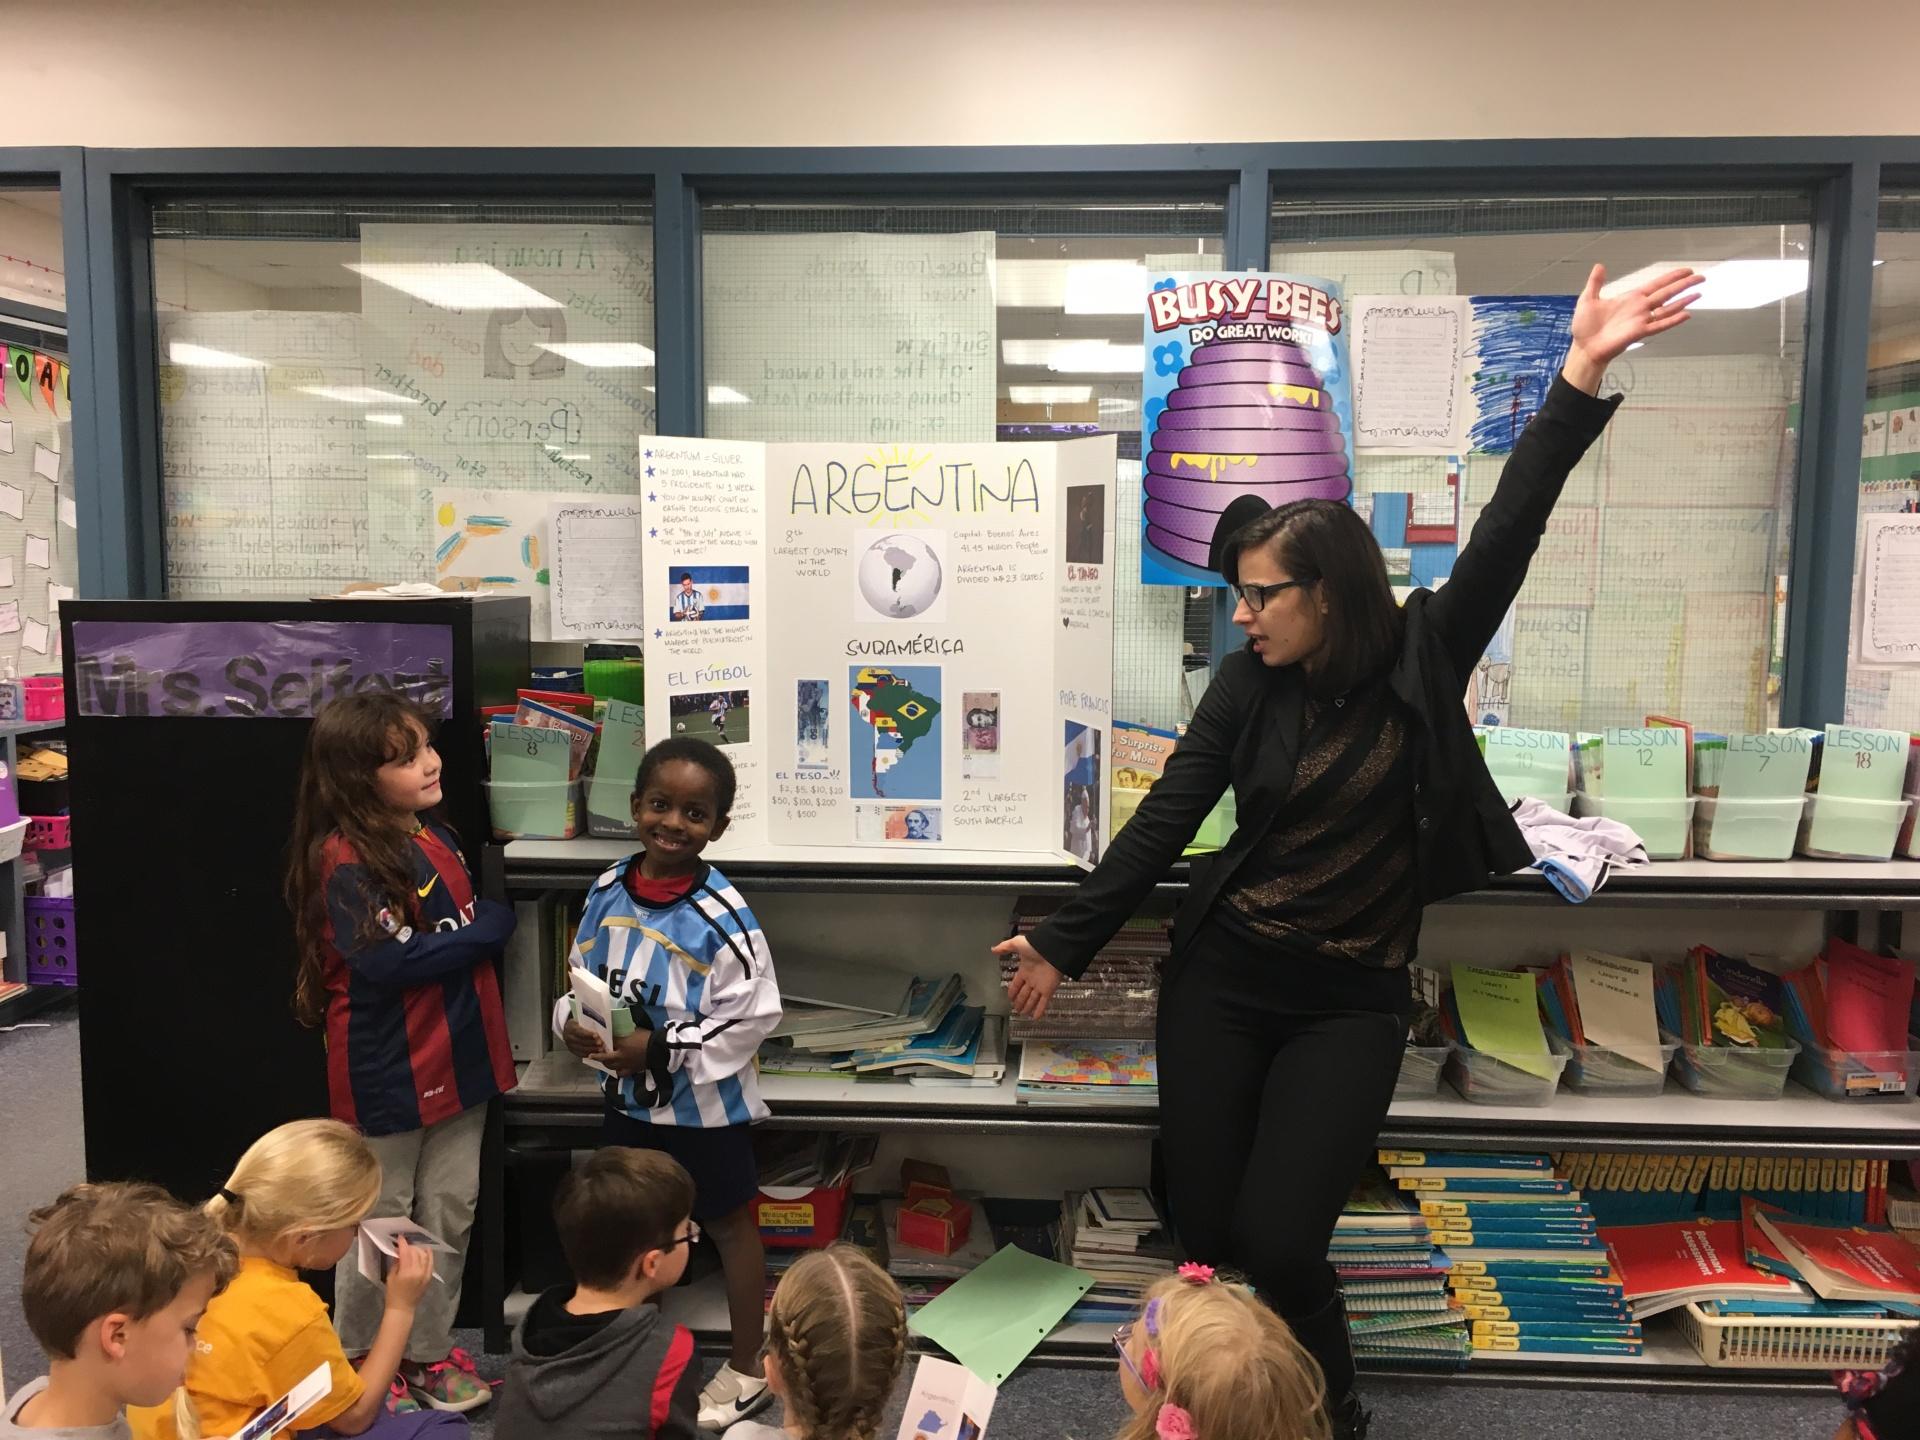 Swansfield Elementary School